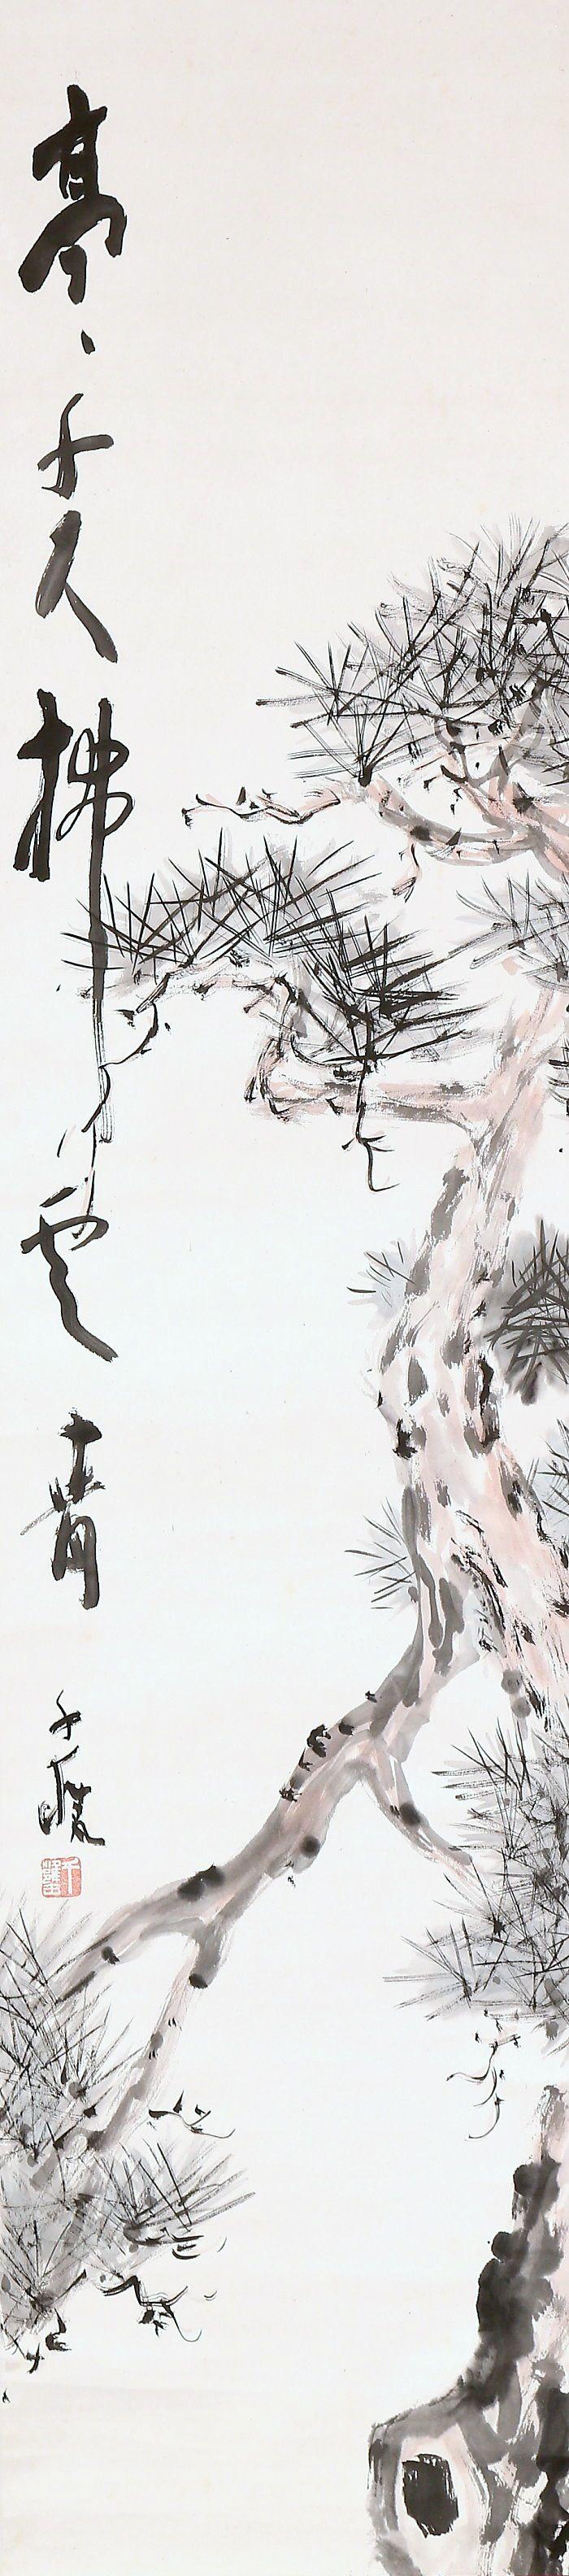 Ogawa Senyo 小川千甕 (1882-1971), Old Pine.